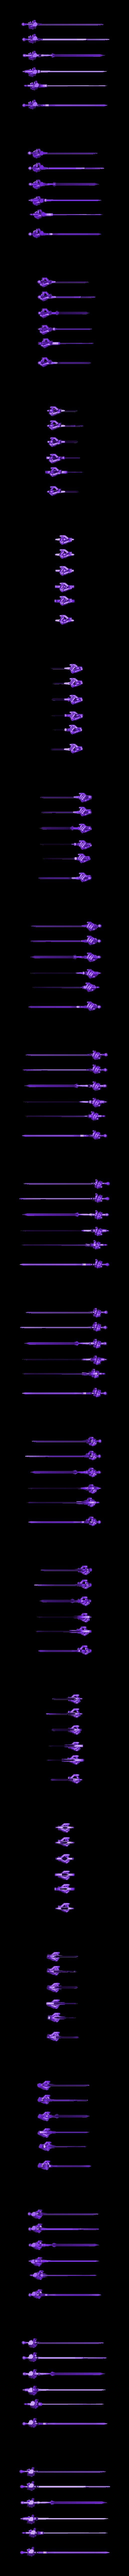 Swords_with_Hands.stl Télécharger fichier 3MF gratuit Spooky Scary Skeleton Warriors • Design pour imprimante 3D, EmanG